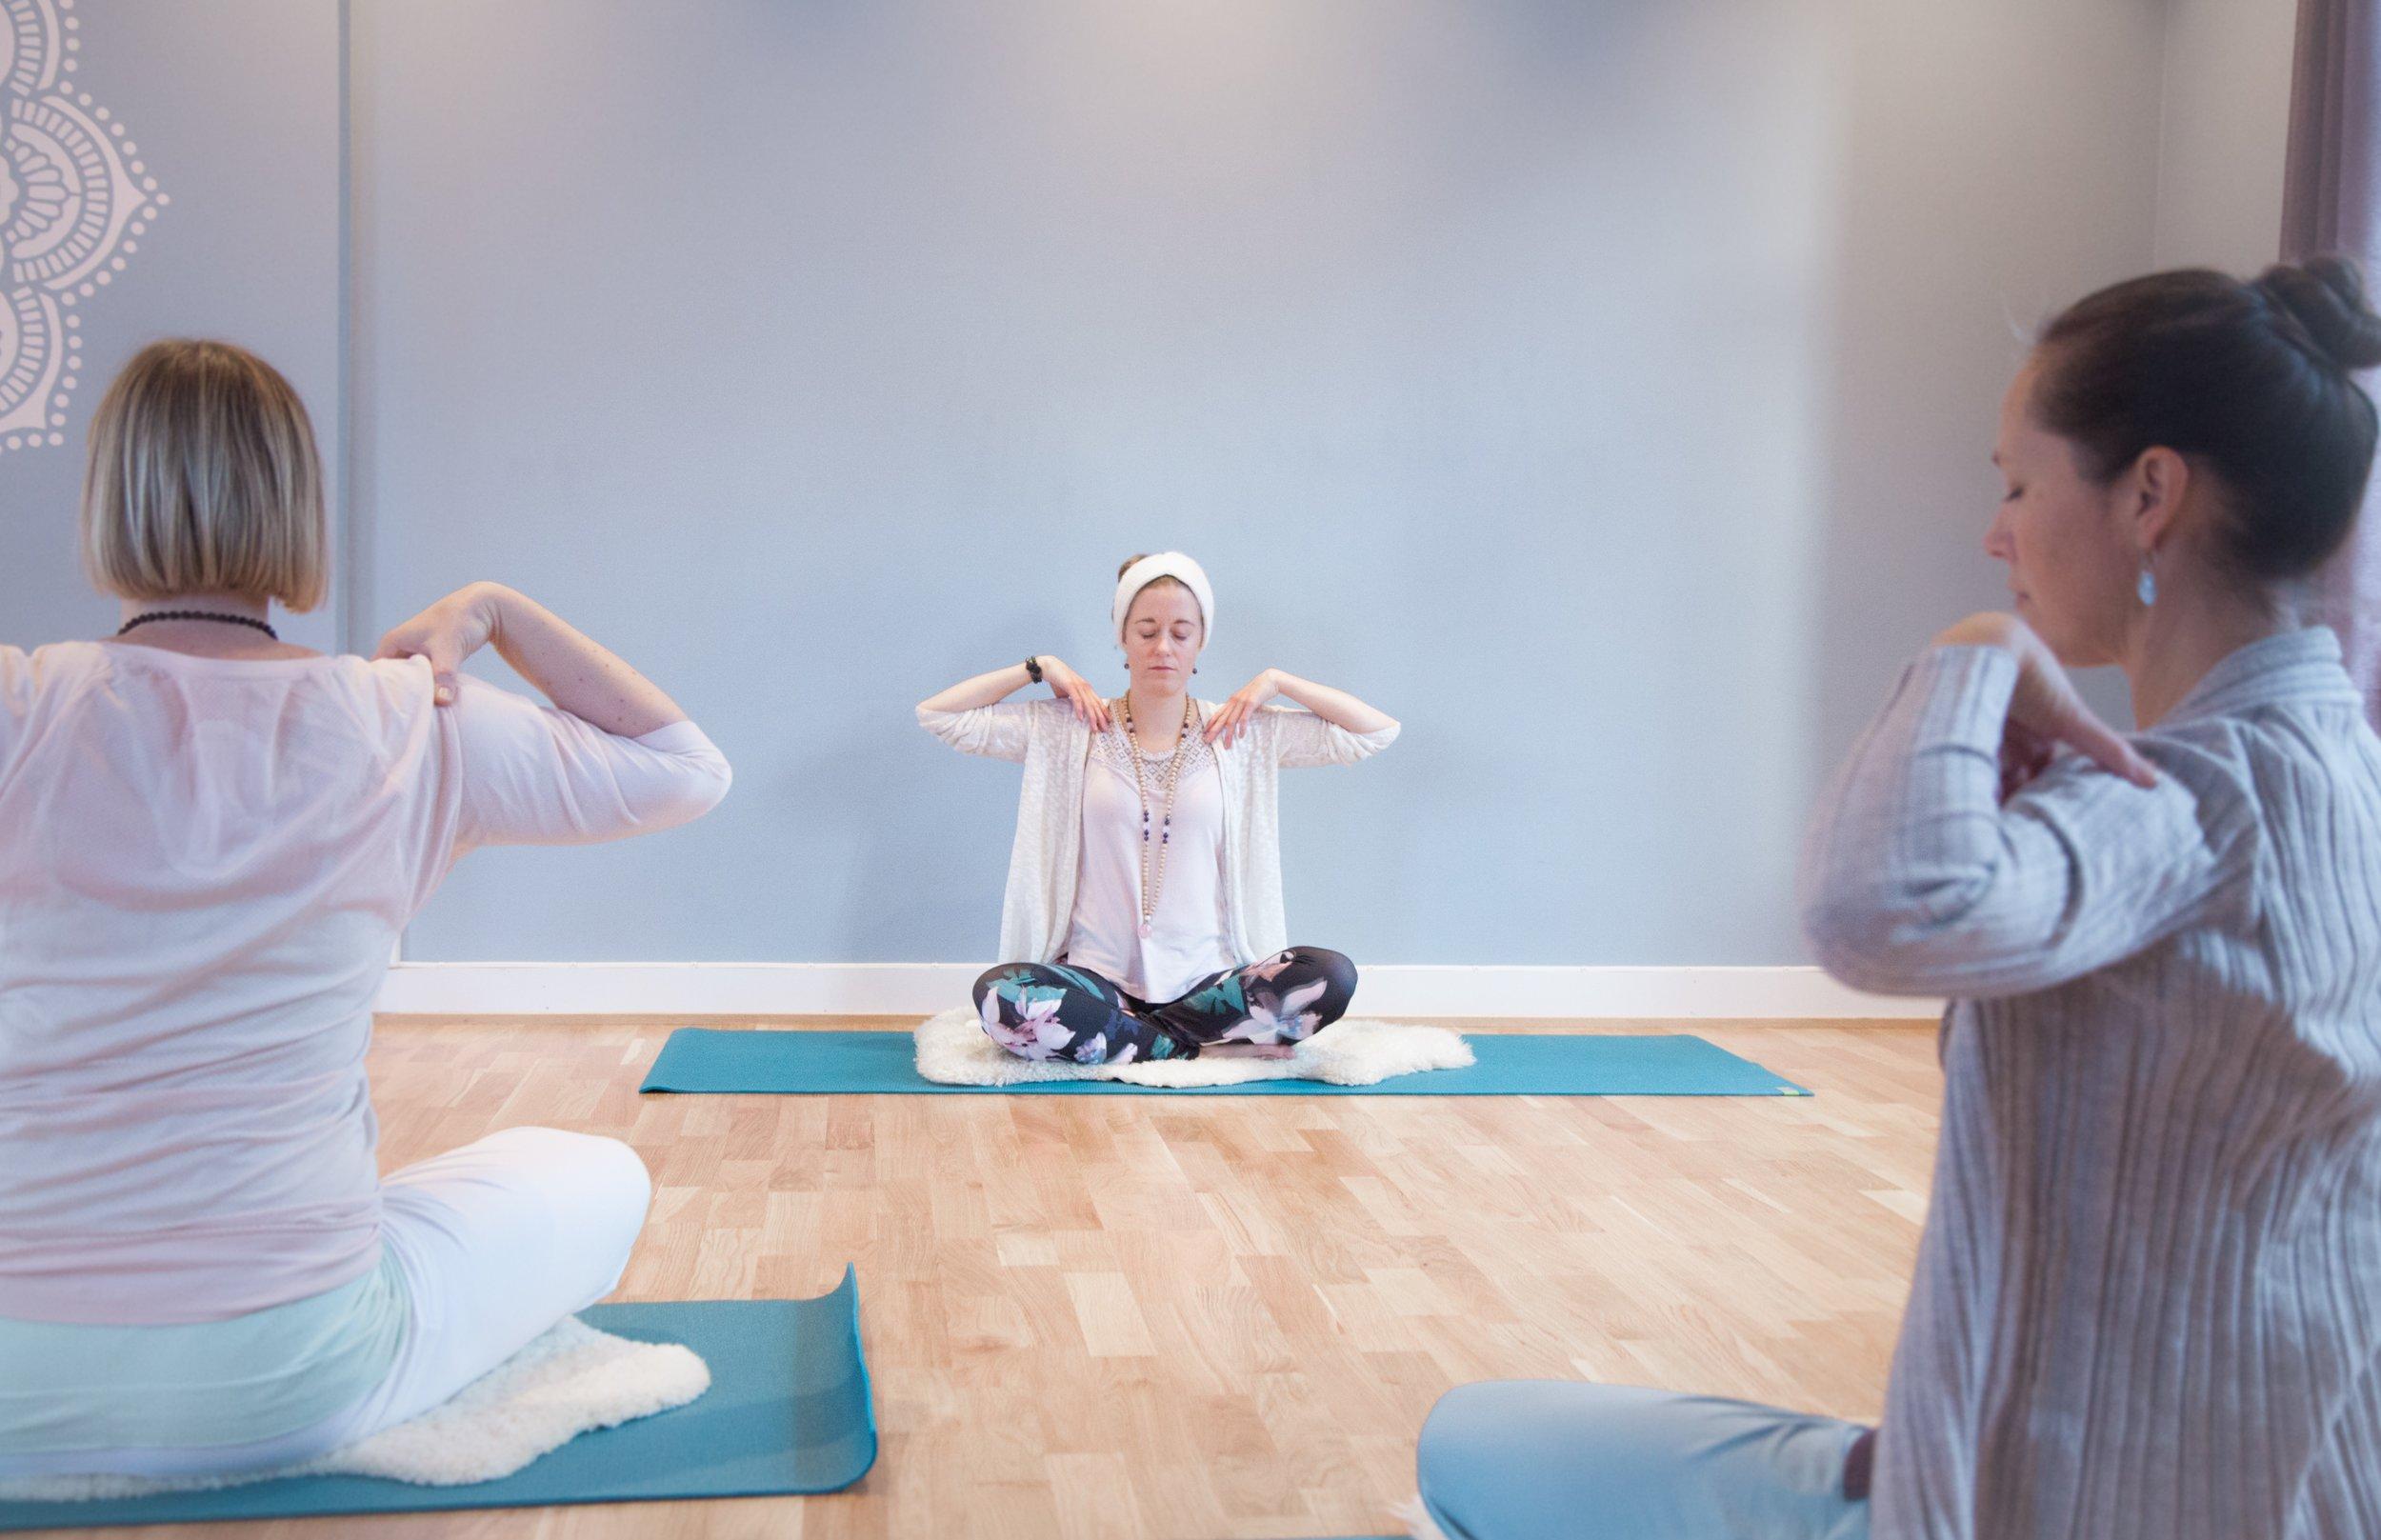 """(Foto: Thomas Bell)   Yogalærer Ane Nilsen Bjerke   Ane er KRI sertifisert kundaliniyogalærer. Hun tok sin kundaliniyogalærerutdannelse i 2016/17. Et ordtak Ane liker godt er: """" Yoga handler ikke om å nå tærne sine. Men hva som skjer på veien ned."""""""